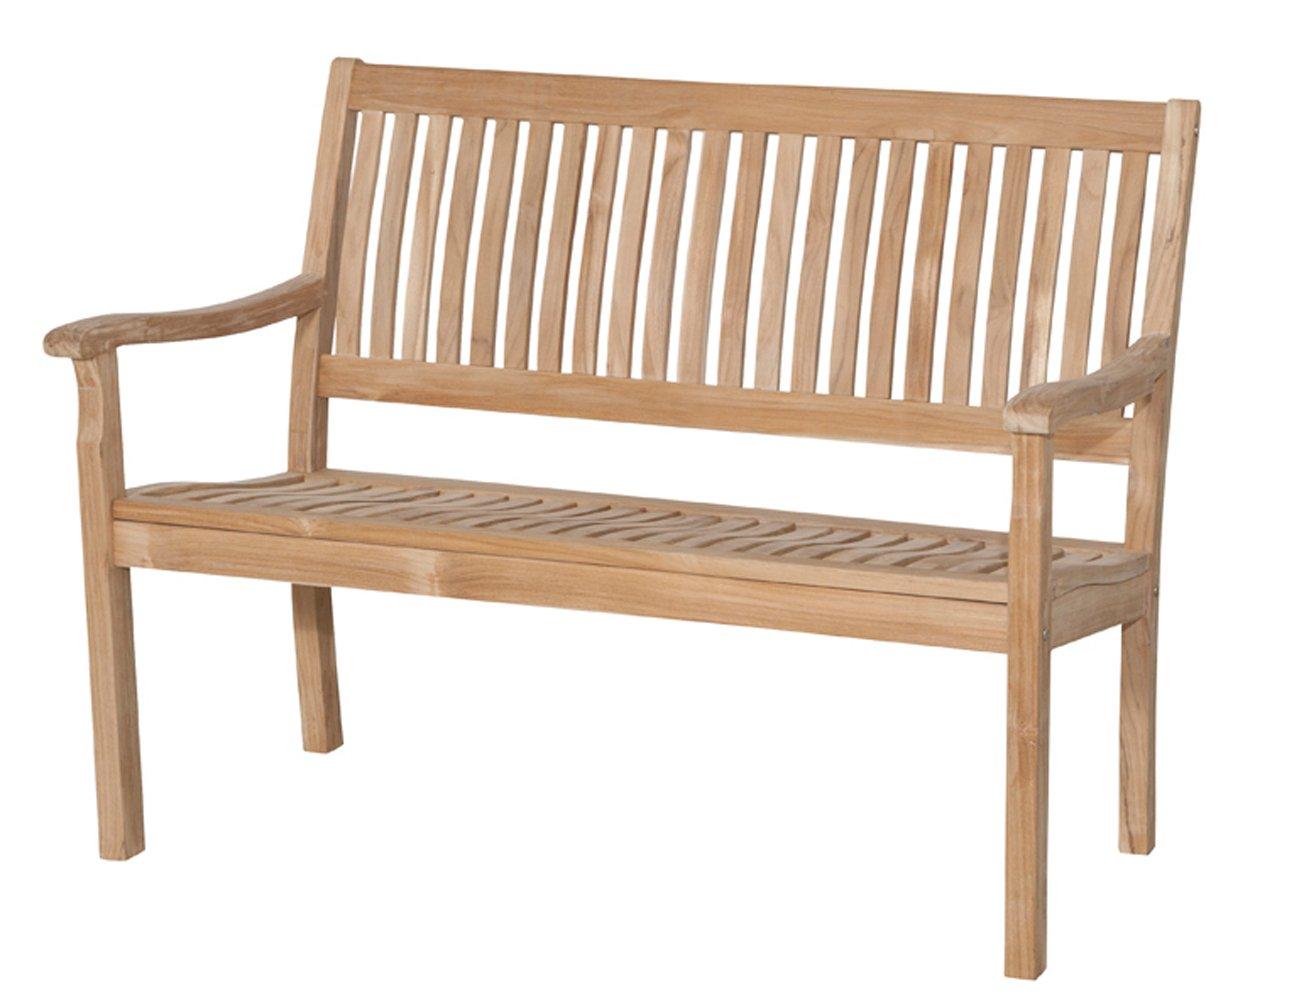 Siena Garden 672866 2er Bank Newport Teakholz FSC® 100% Beschläge aus galvanisiertem Stahl günstig bestellen